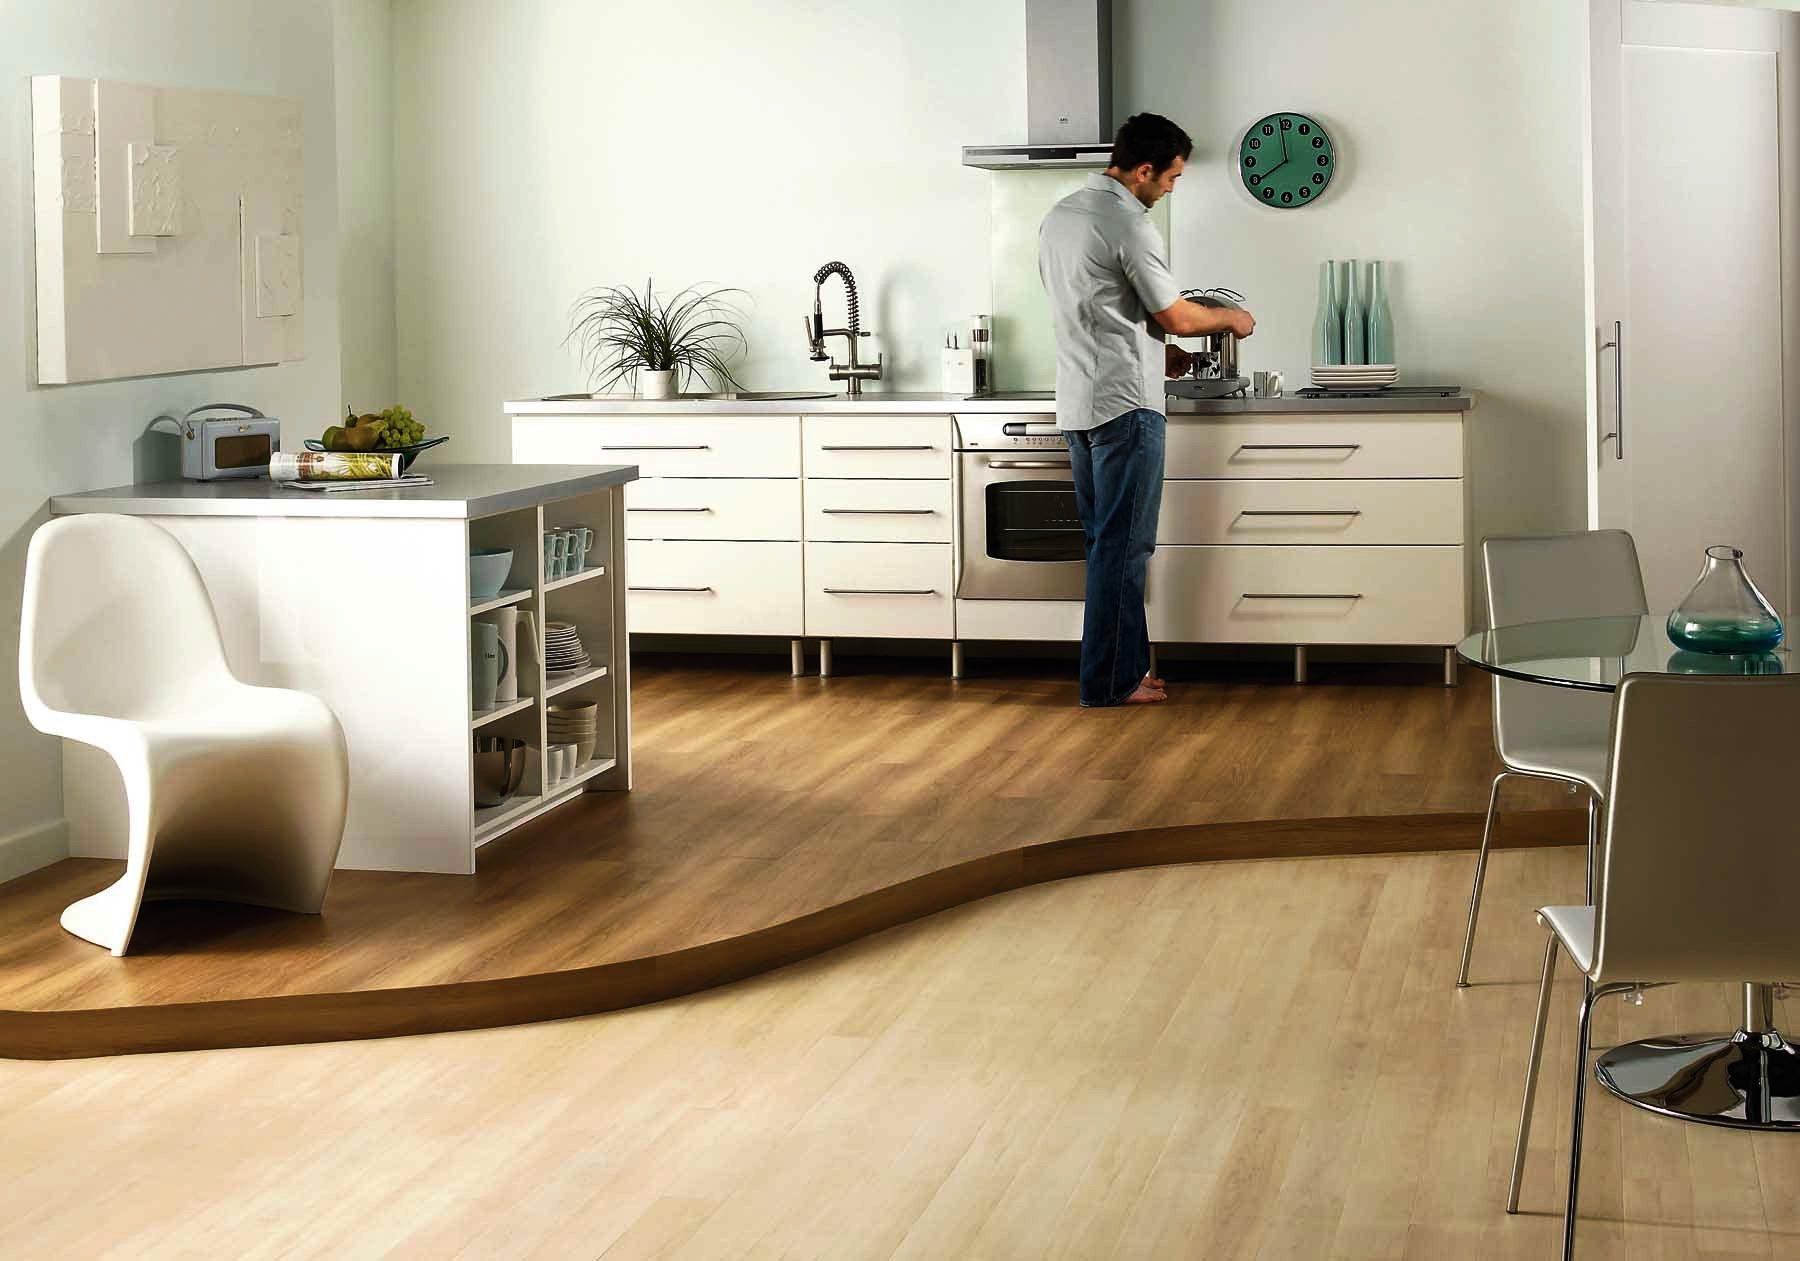 Кухня на подиуме как сделать